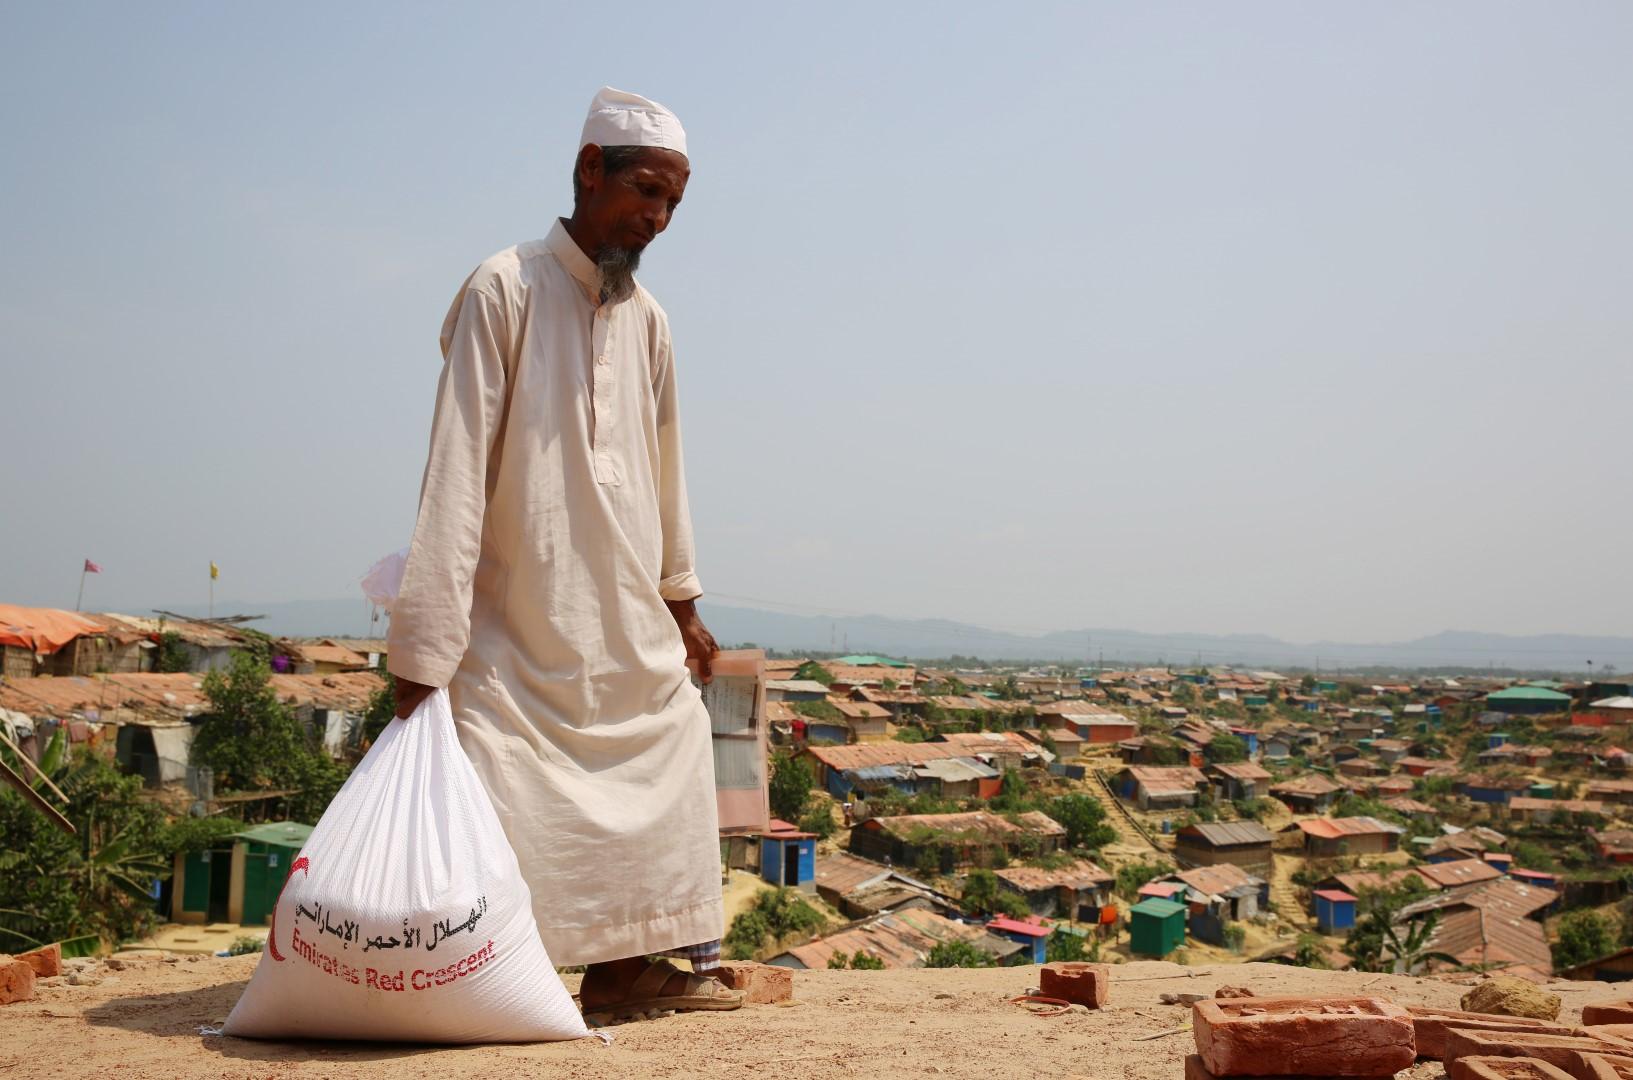 الإمارات.. دور دولي فاعل في التخفيف من معاناة لاجئي الروهينجا